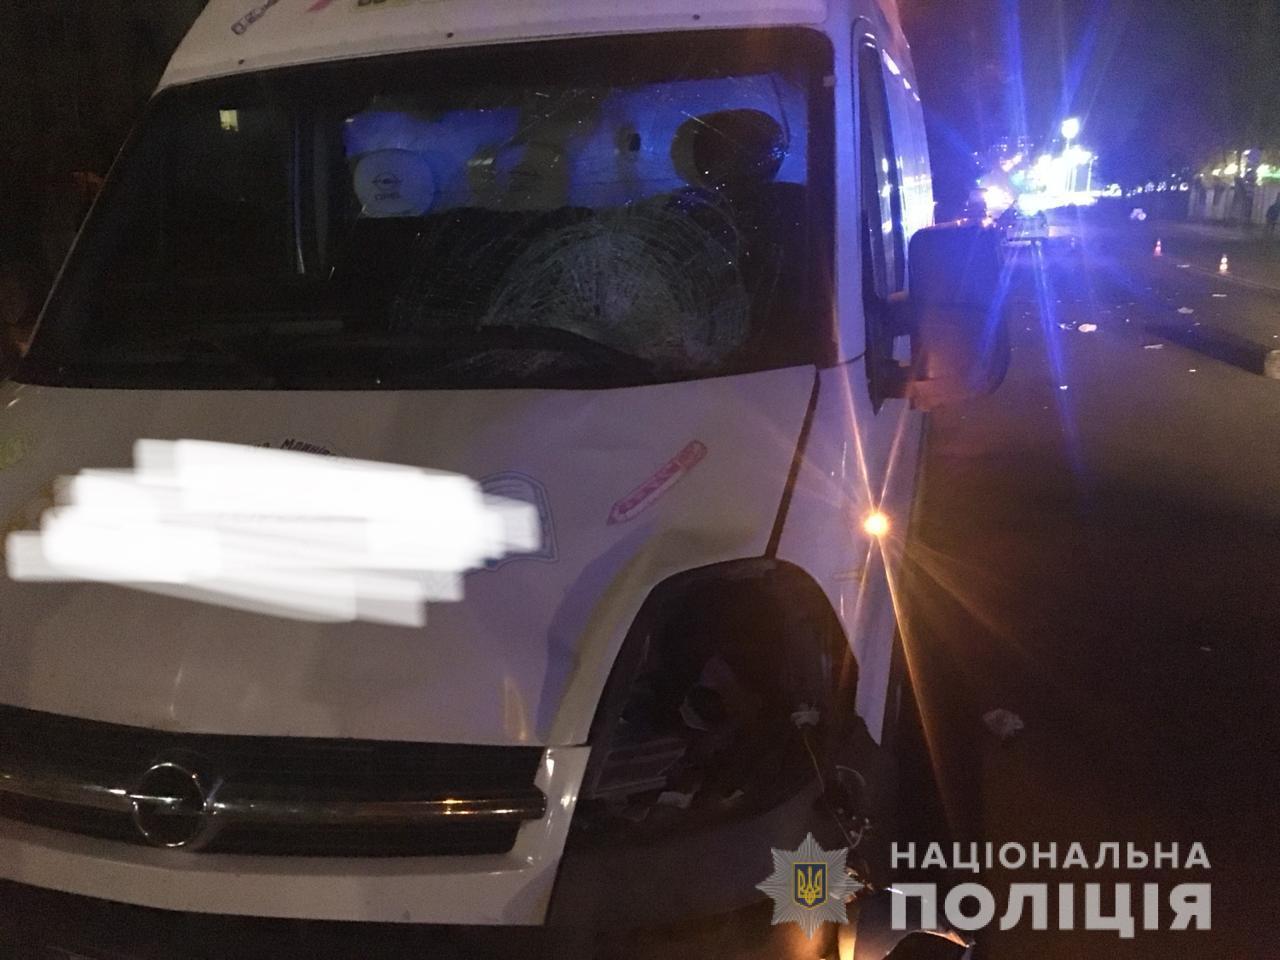 13-річна дівчинка, яка потрапила вчора у ДТП на Макарова, - у комі